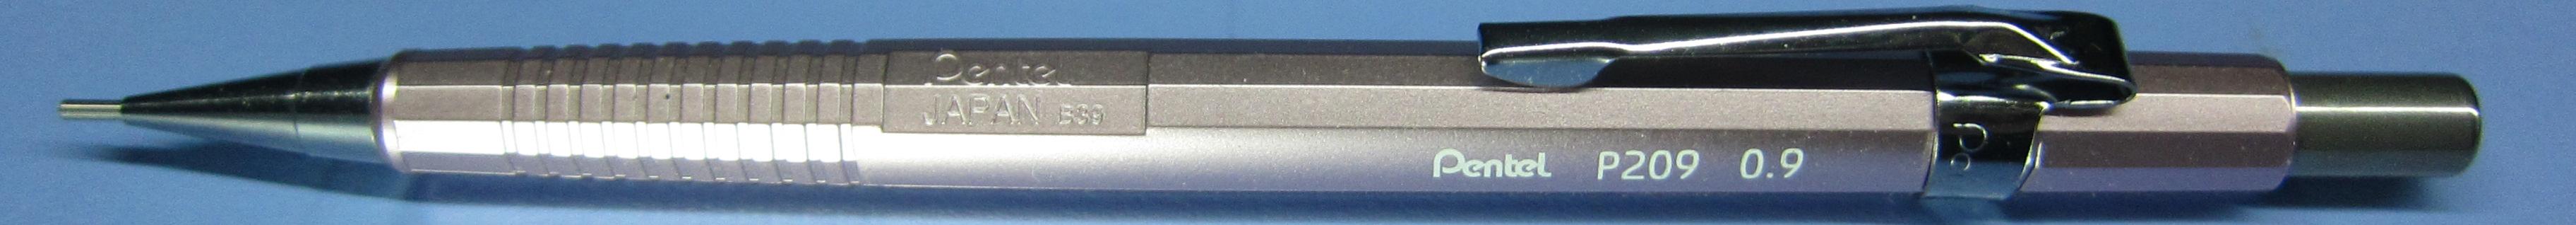 P209-P (Gen 6) - 318